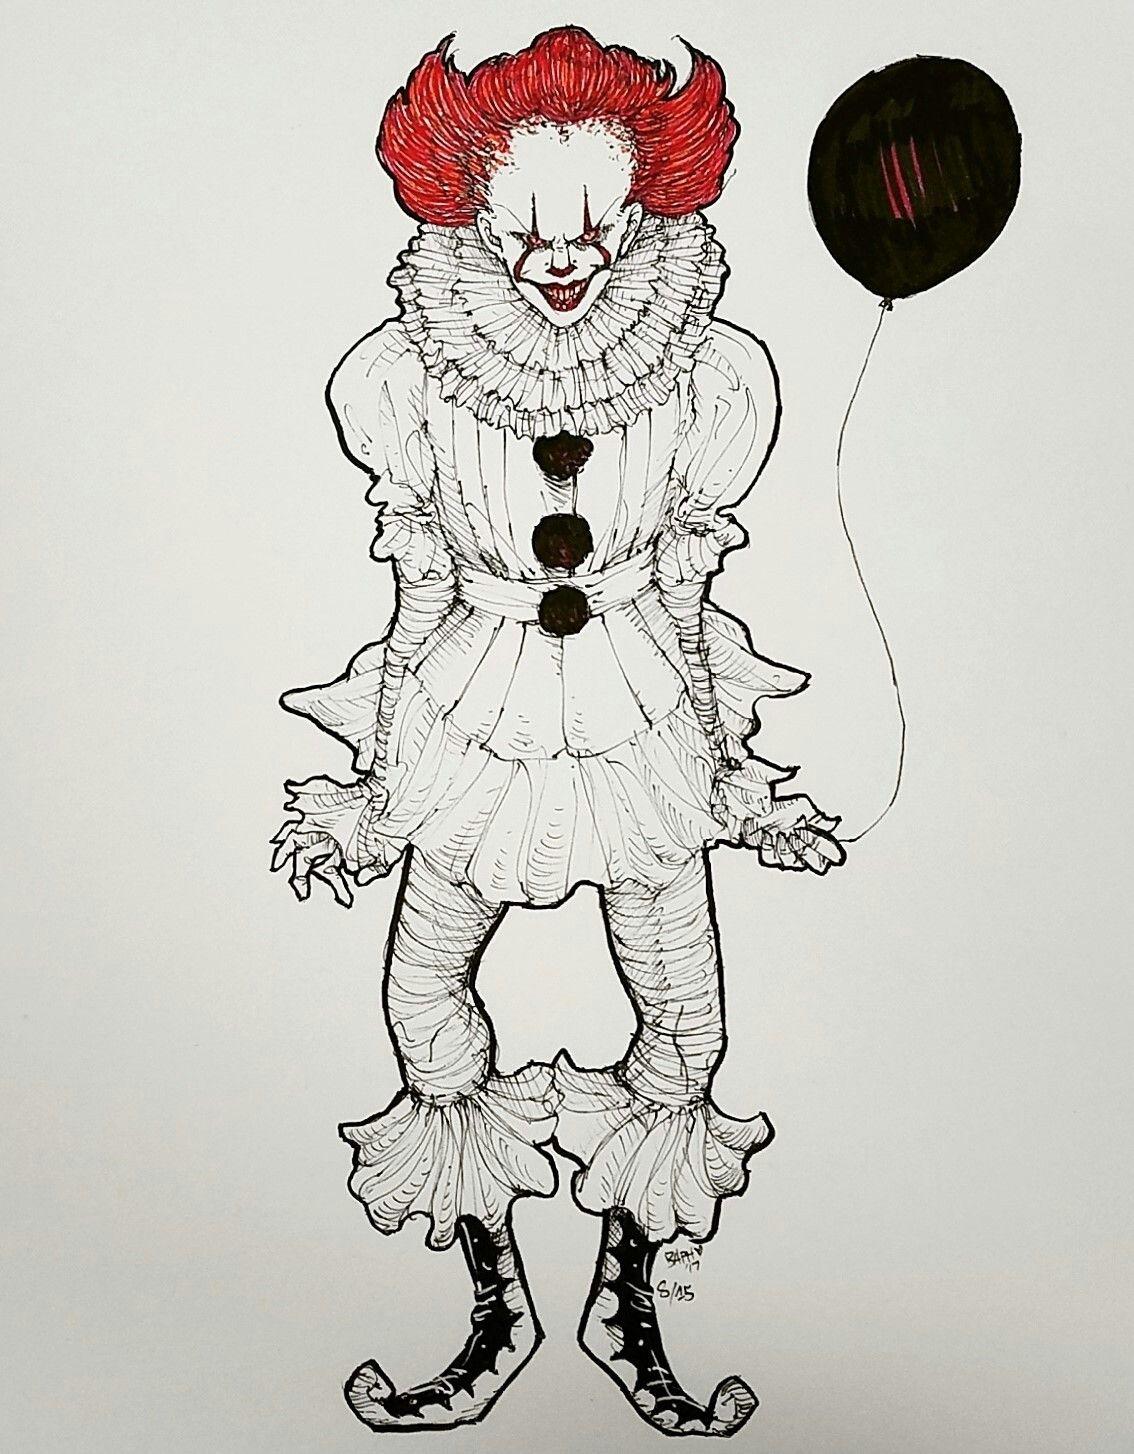 рисунок клоуна карандашом в полный рост самый